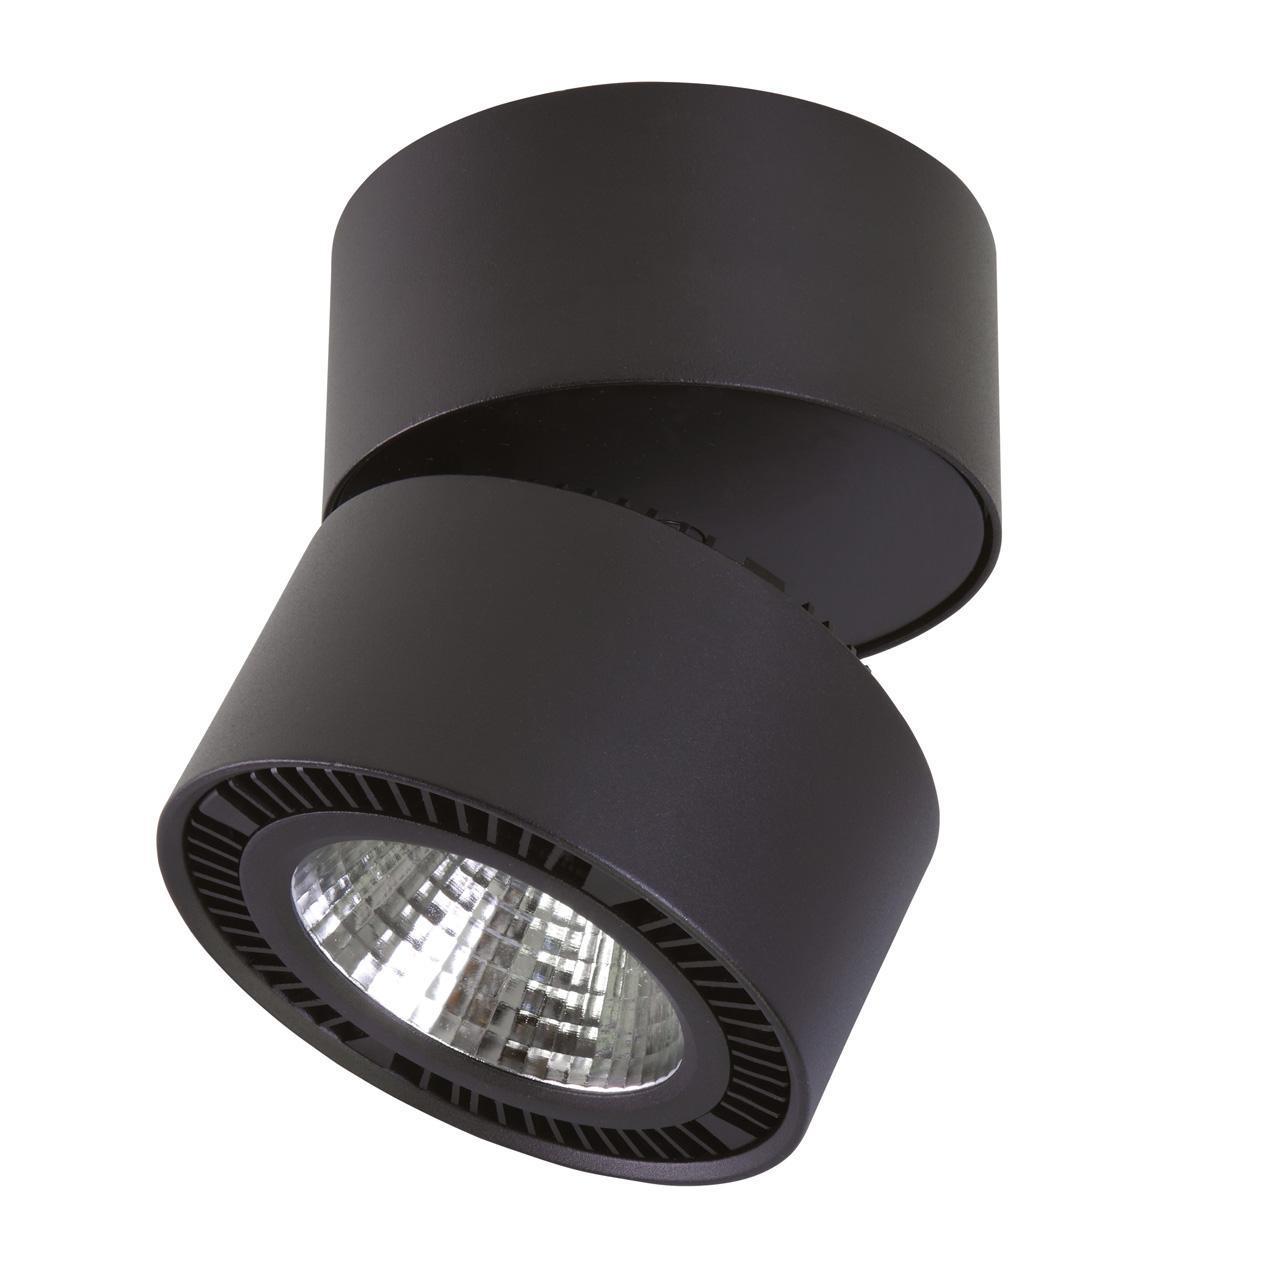 Потолочный светодиодный светильник Lightstar Forte Muro 213837 потолочный светодиодный светильник lightstar forte muro 214839